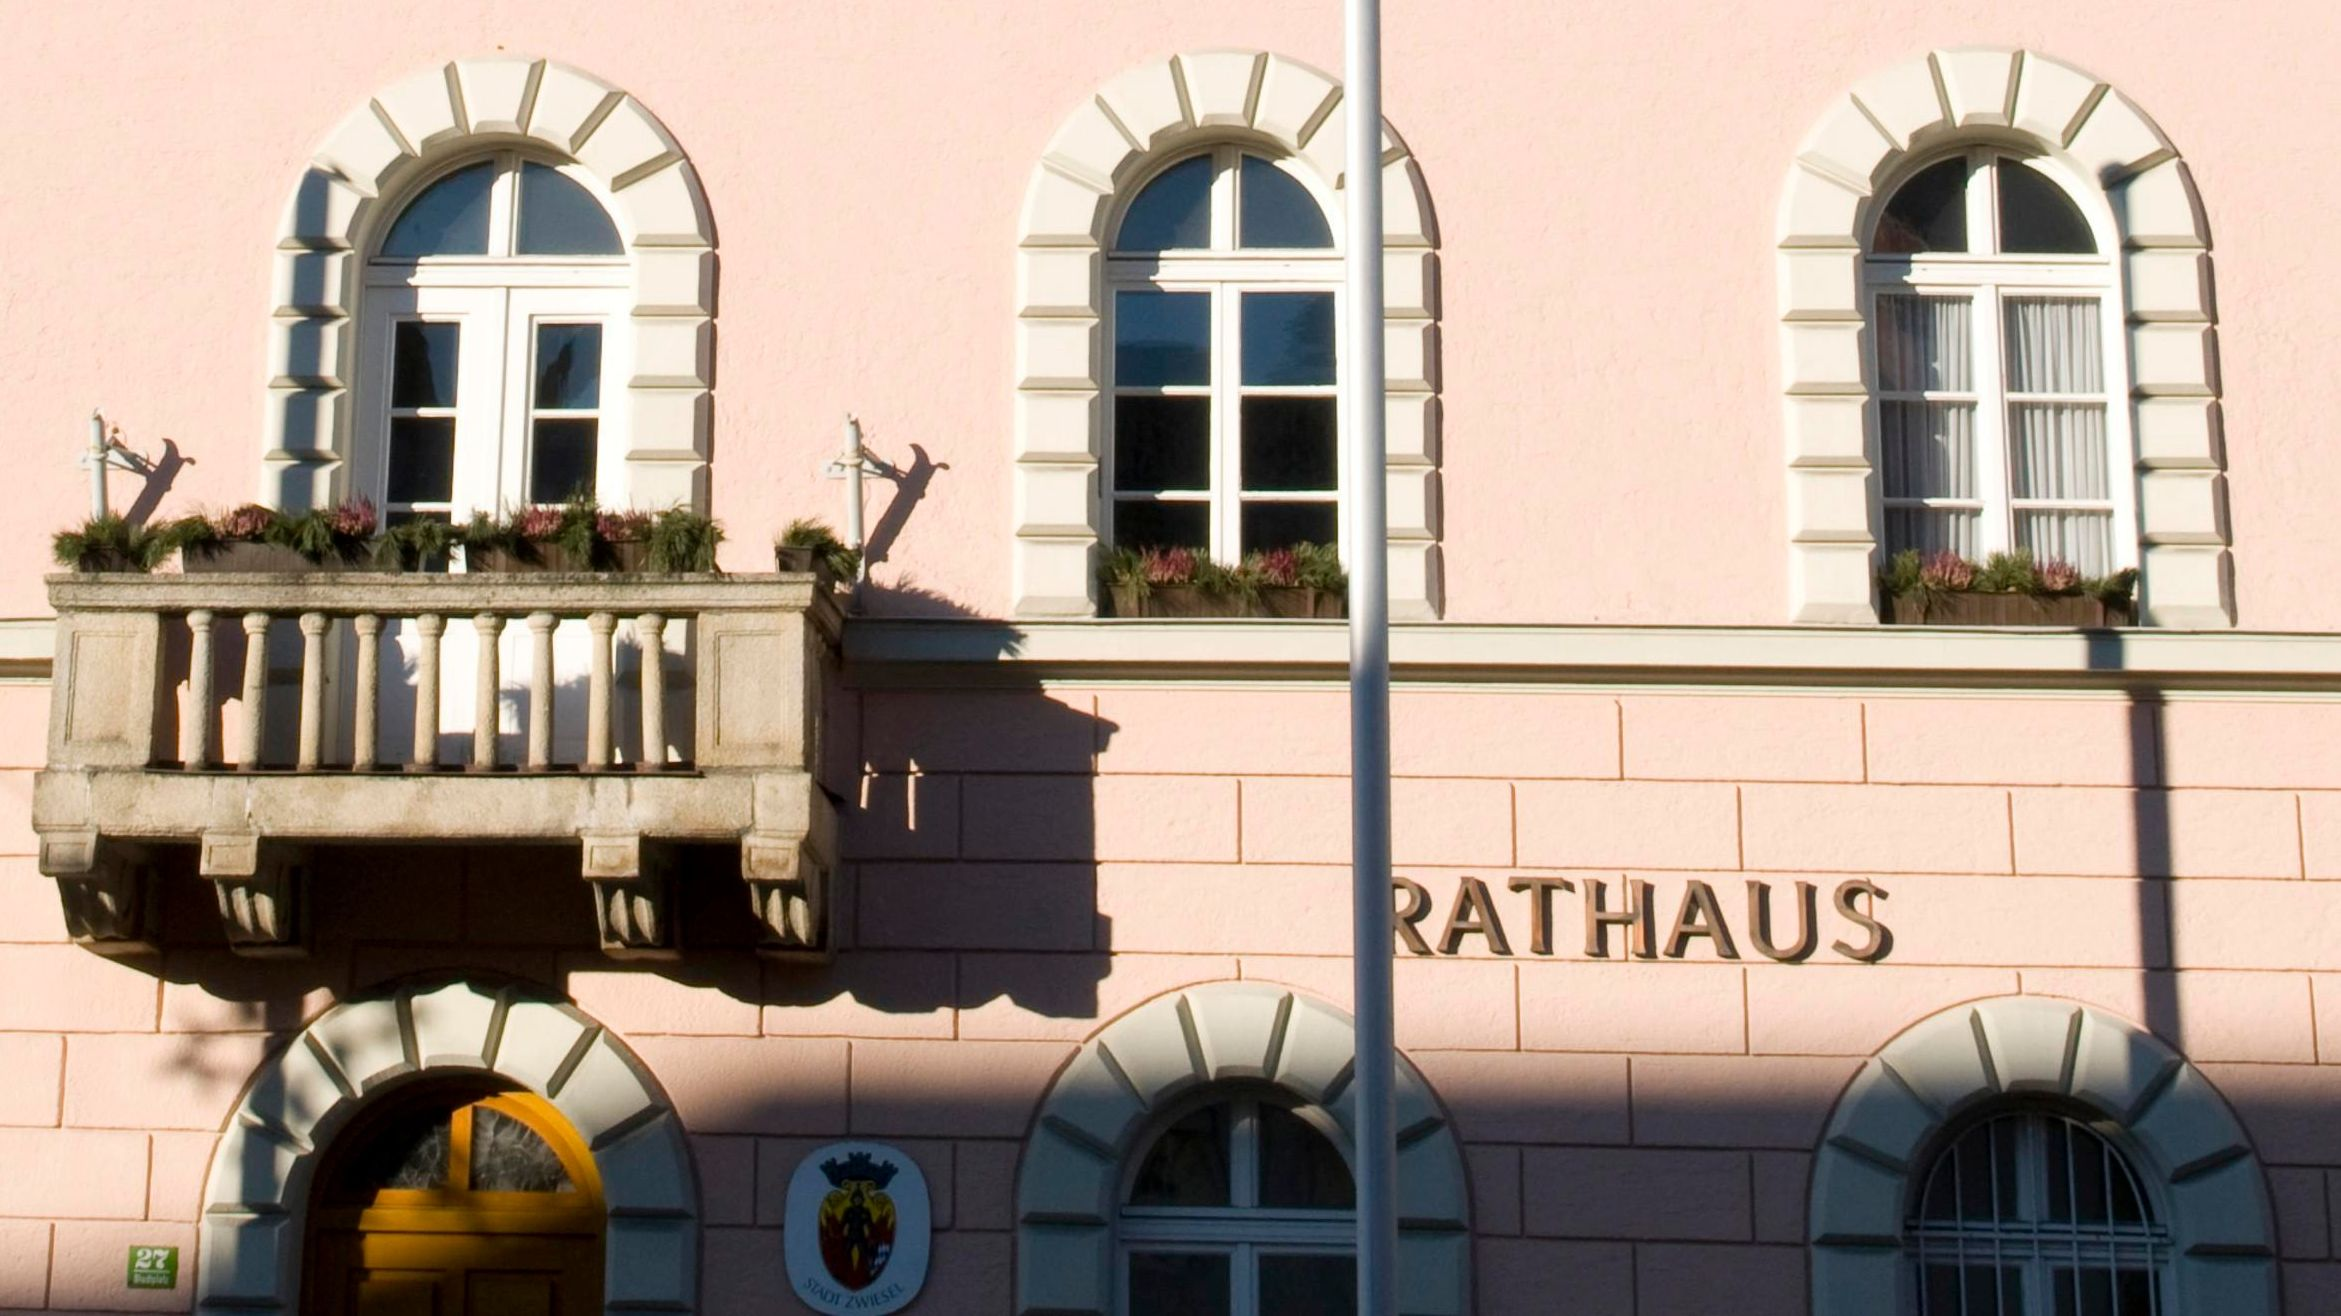 Das Rathaus von Zwiesel im Bayerischen Wald